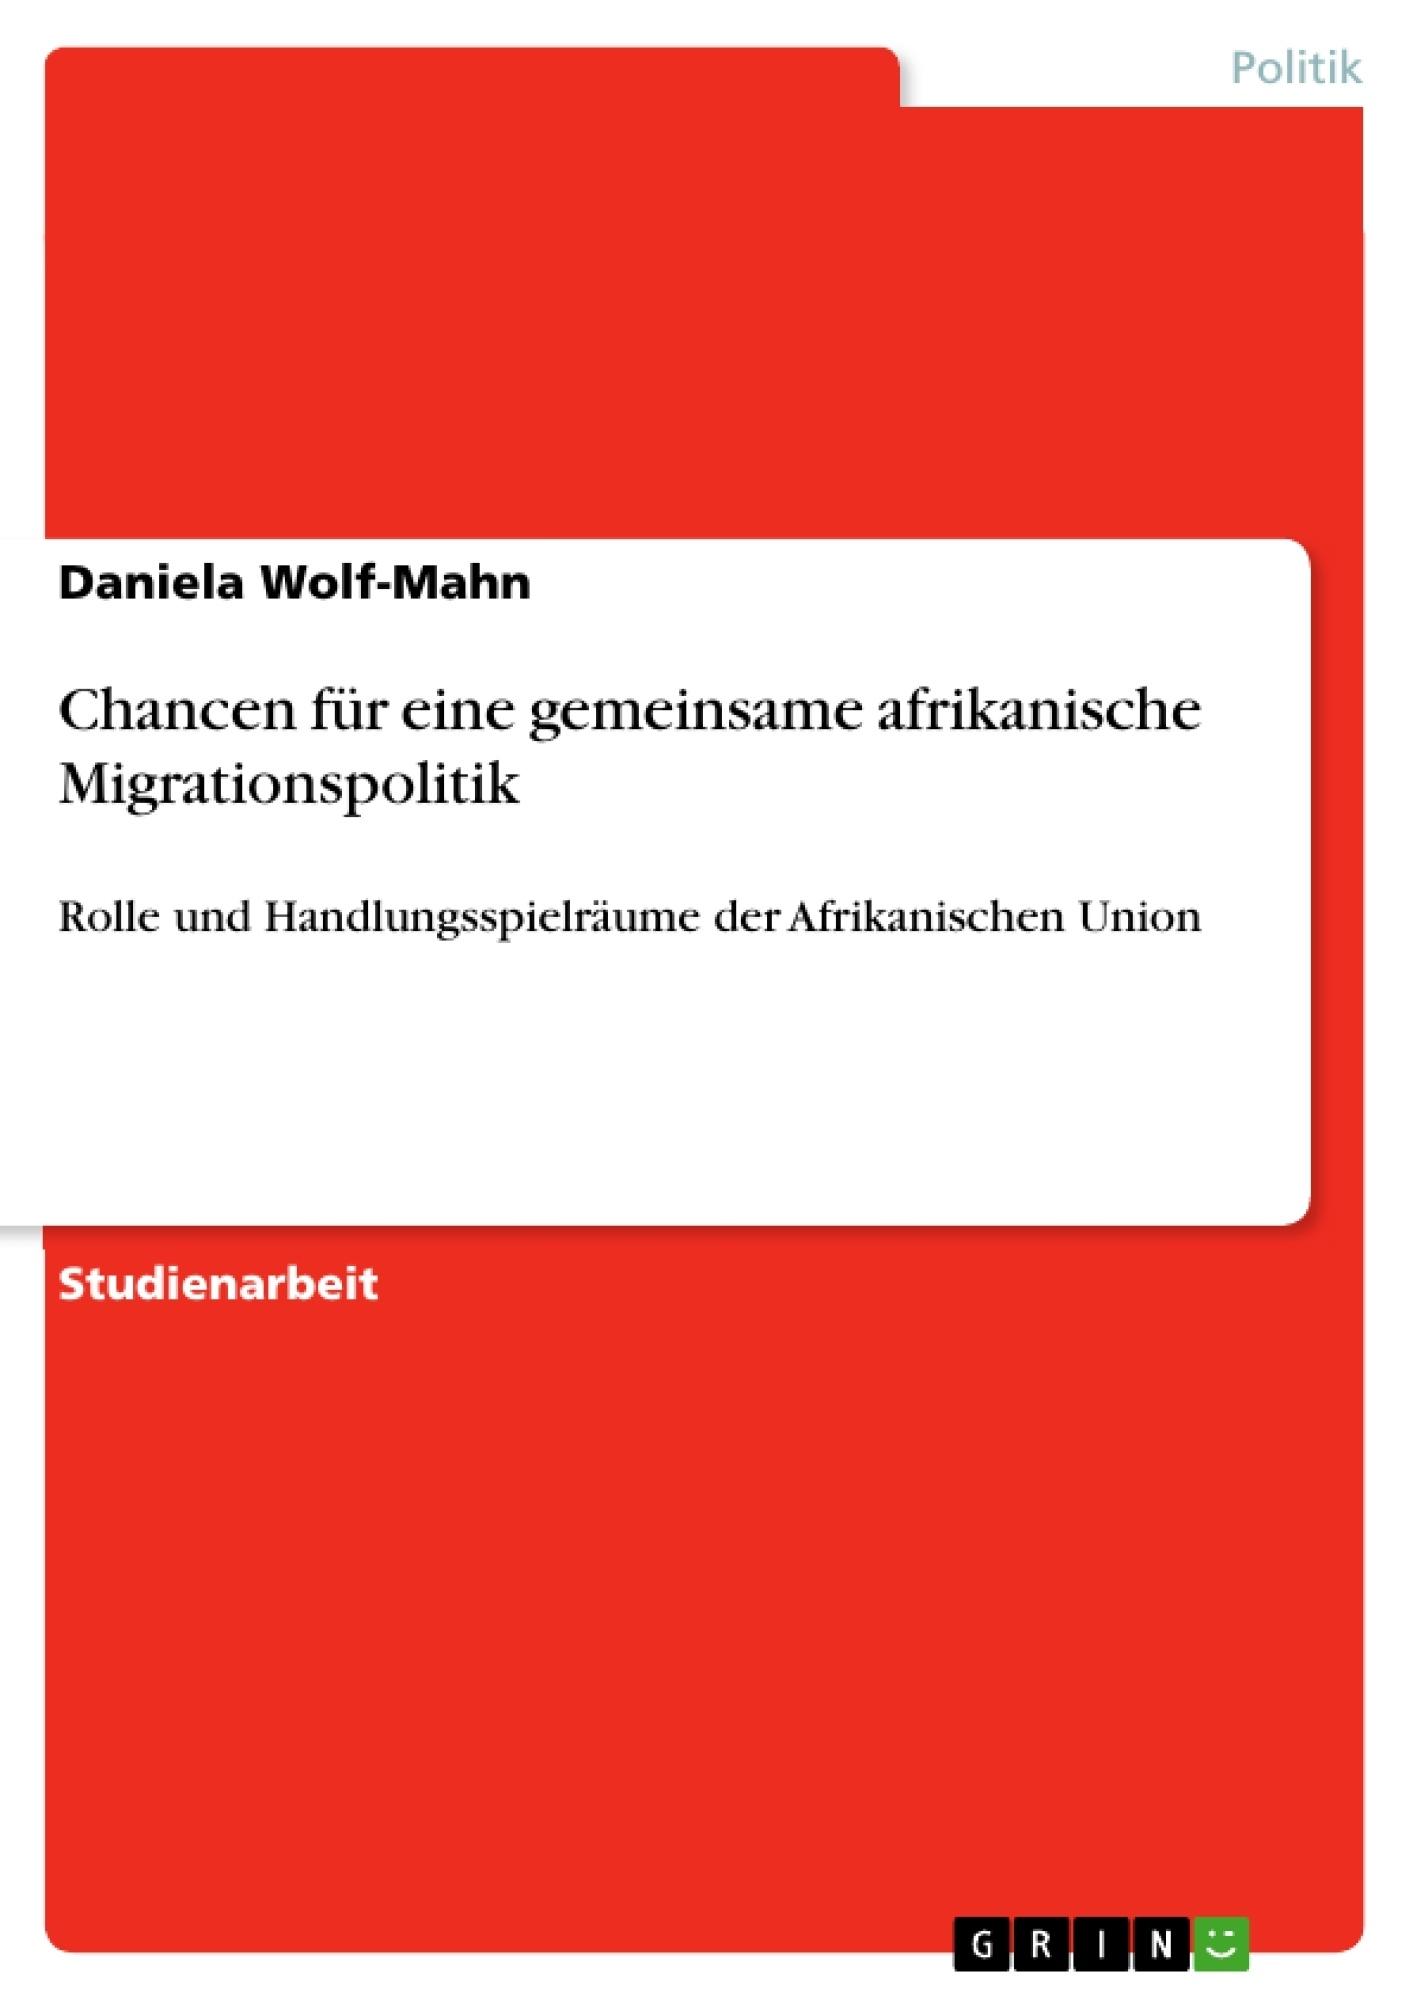 Titel: Chancen für eine gemeinsame afrikanische Migrationspolitik